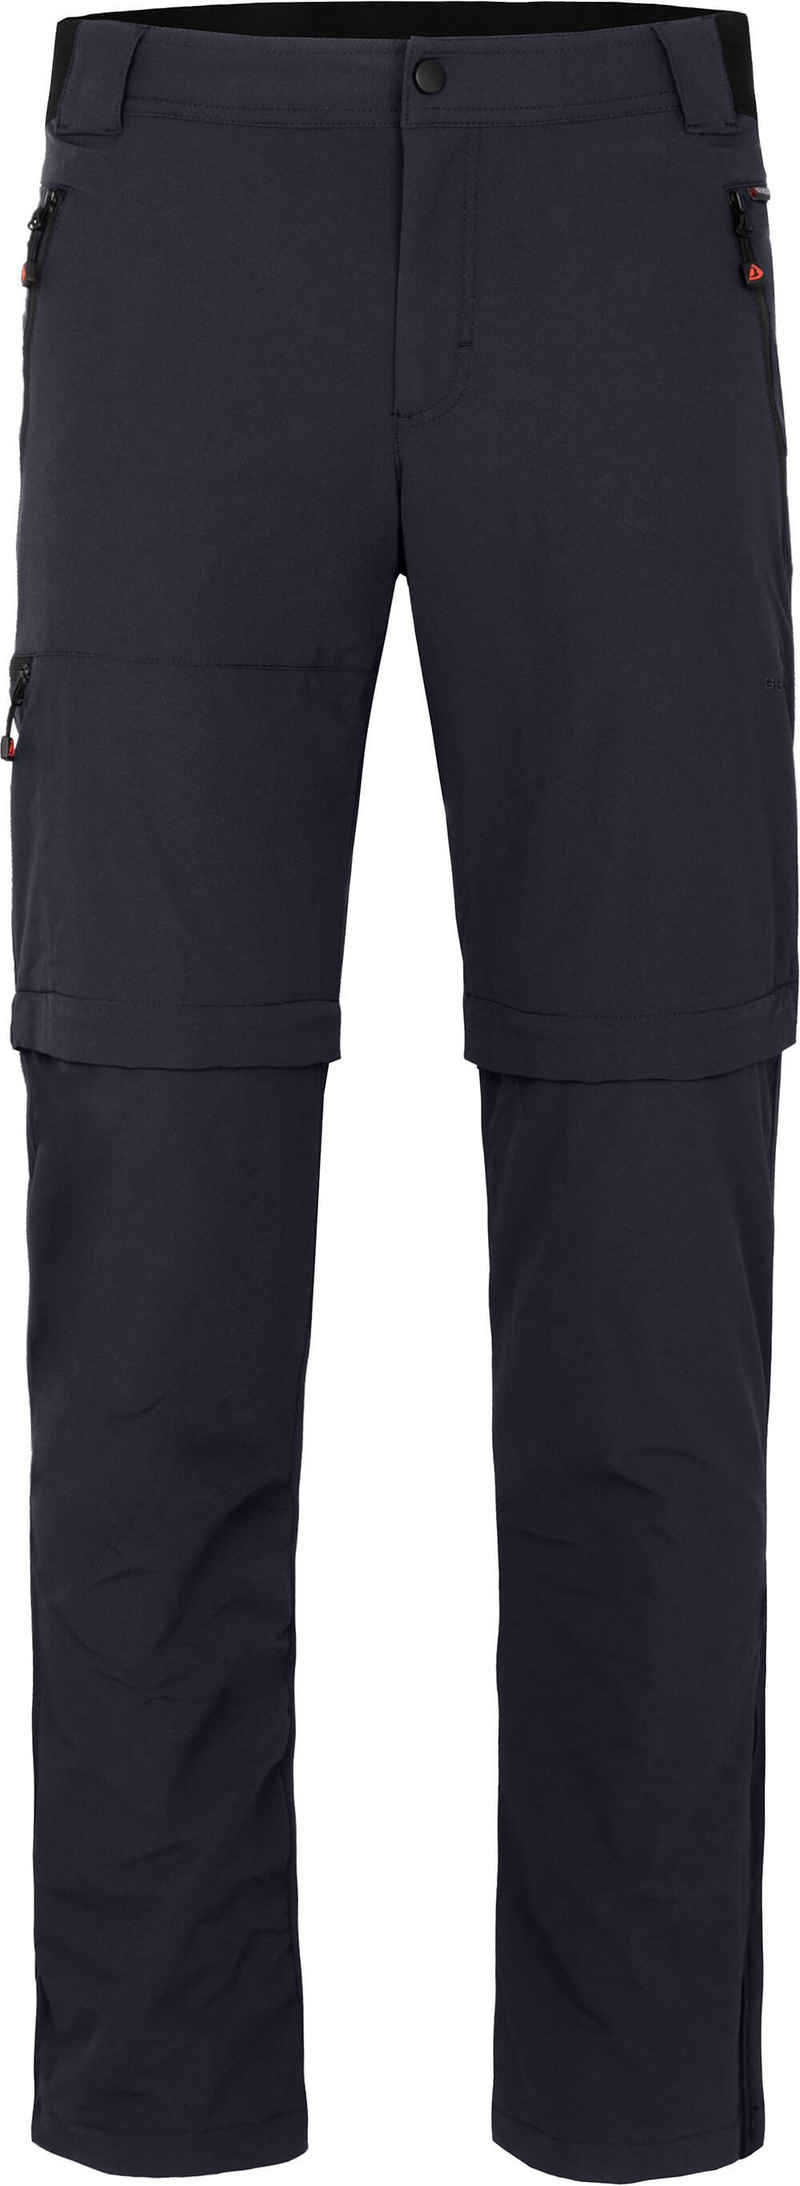 Bergson Zip-off-Hose »ARRESÖ COMFORT Zipp Off« Herren Wanderhose, leicht, strapazierfähig, Normalgrößen, Nacht blau